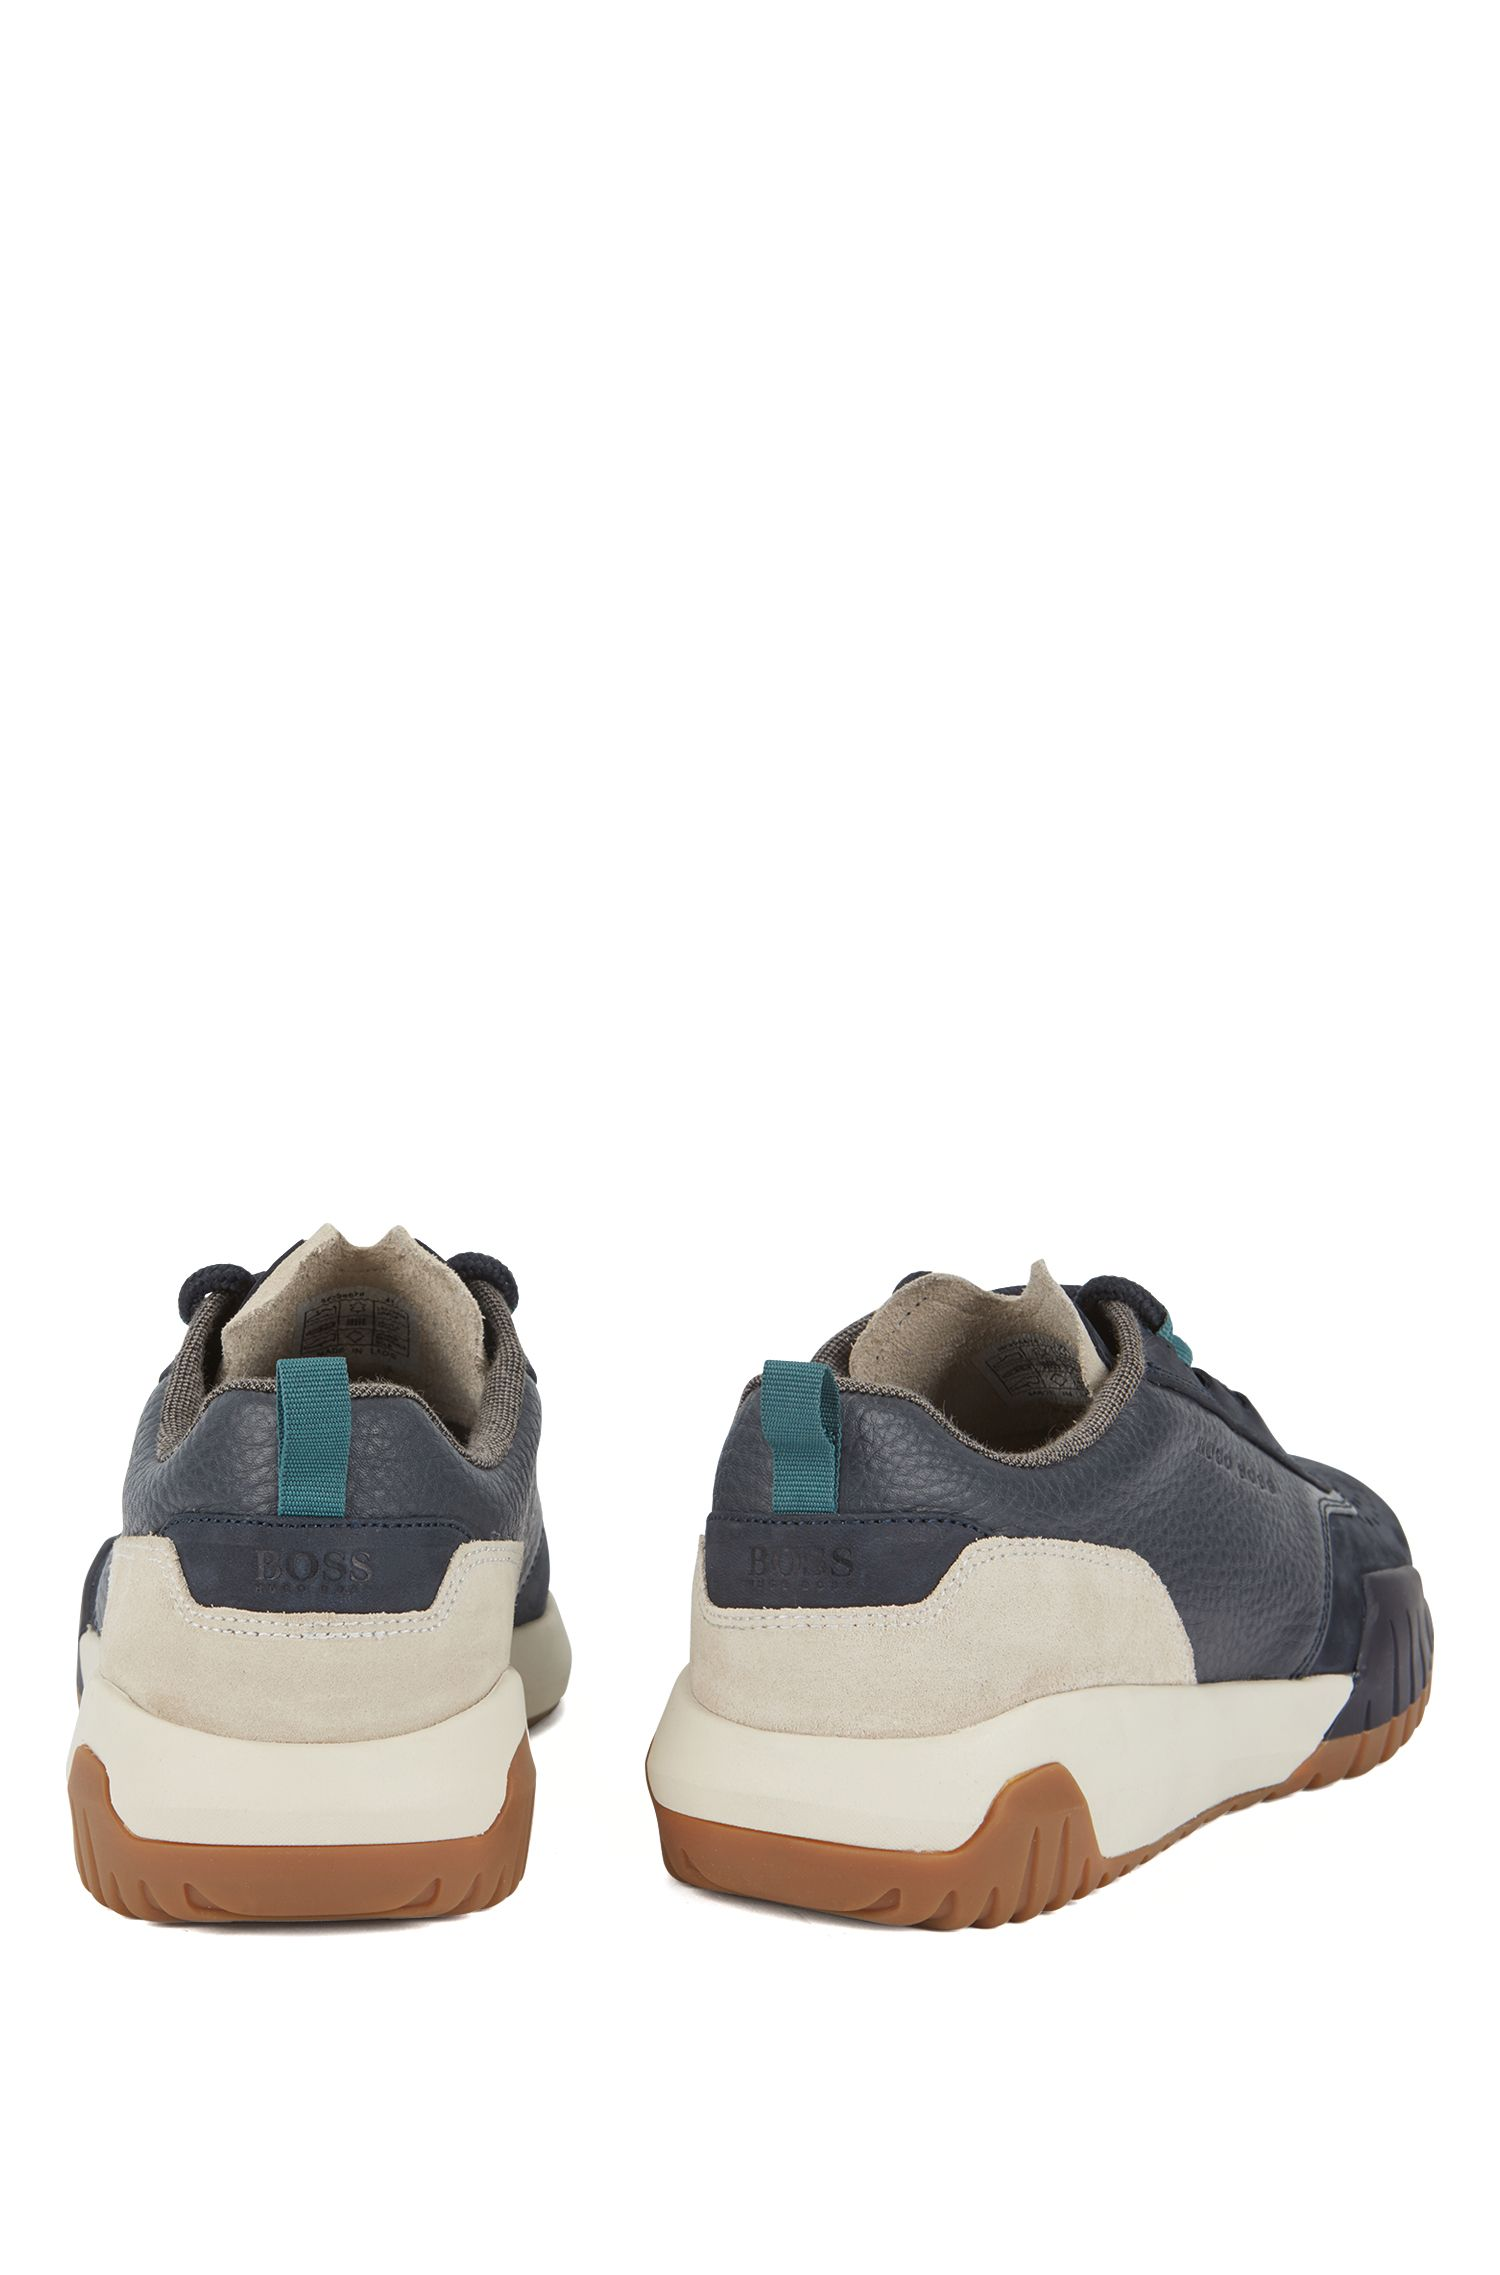 Baskets inspirées des chaussures de course, en nubuck, cuir foulonné et daim